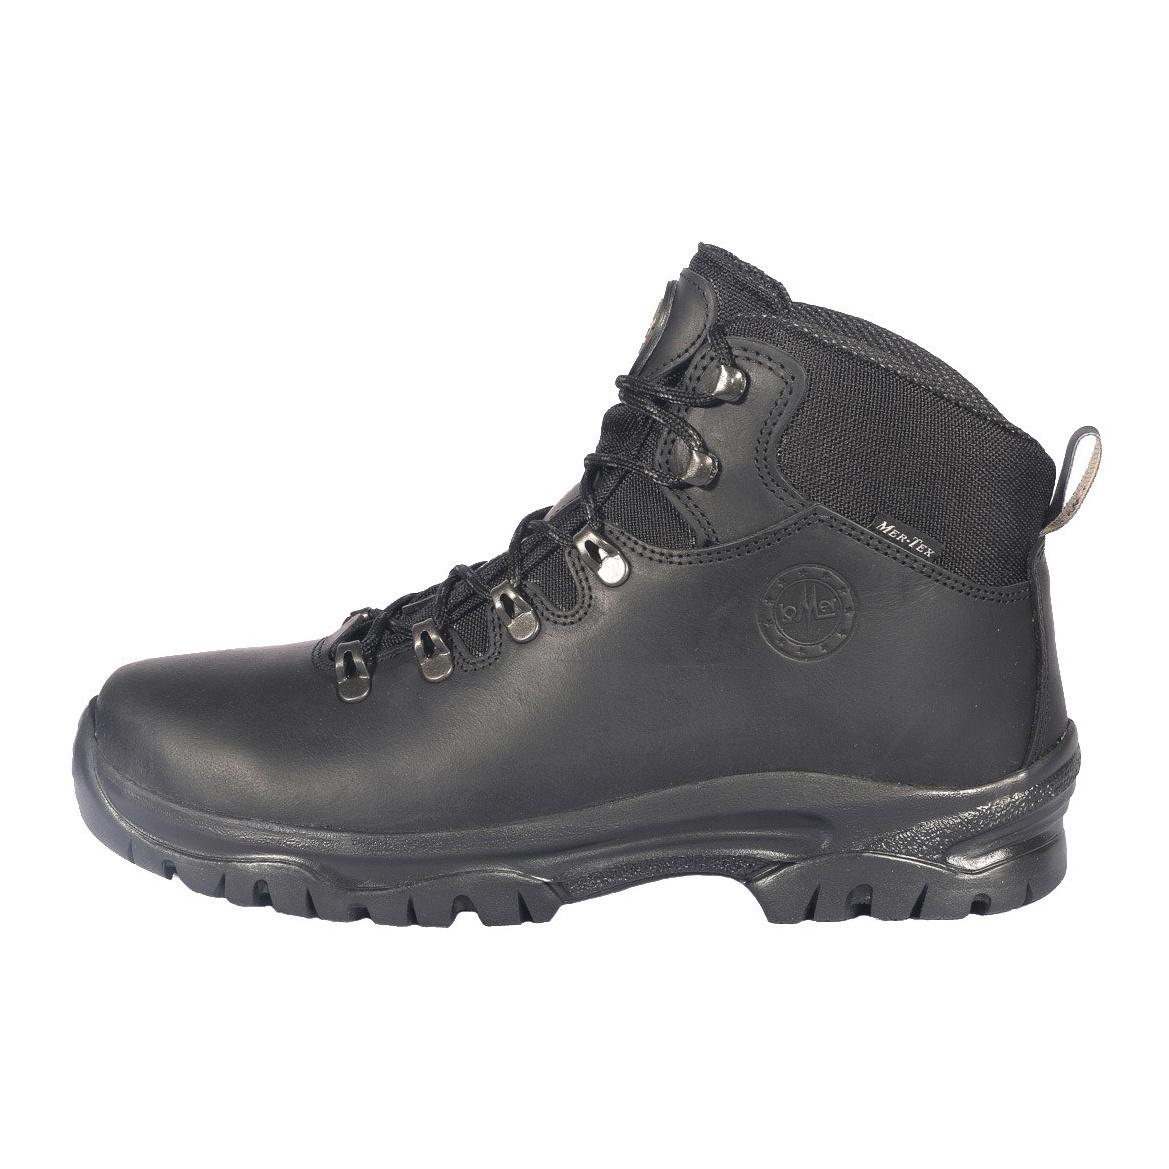 کفش کوهنوردی مردانه لومر مدل Quarzo MTX Black